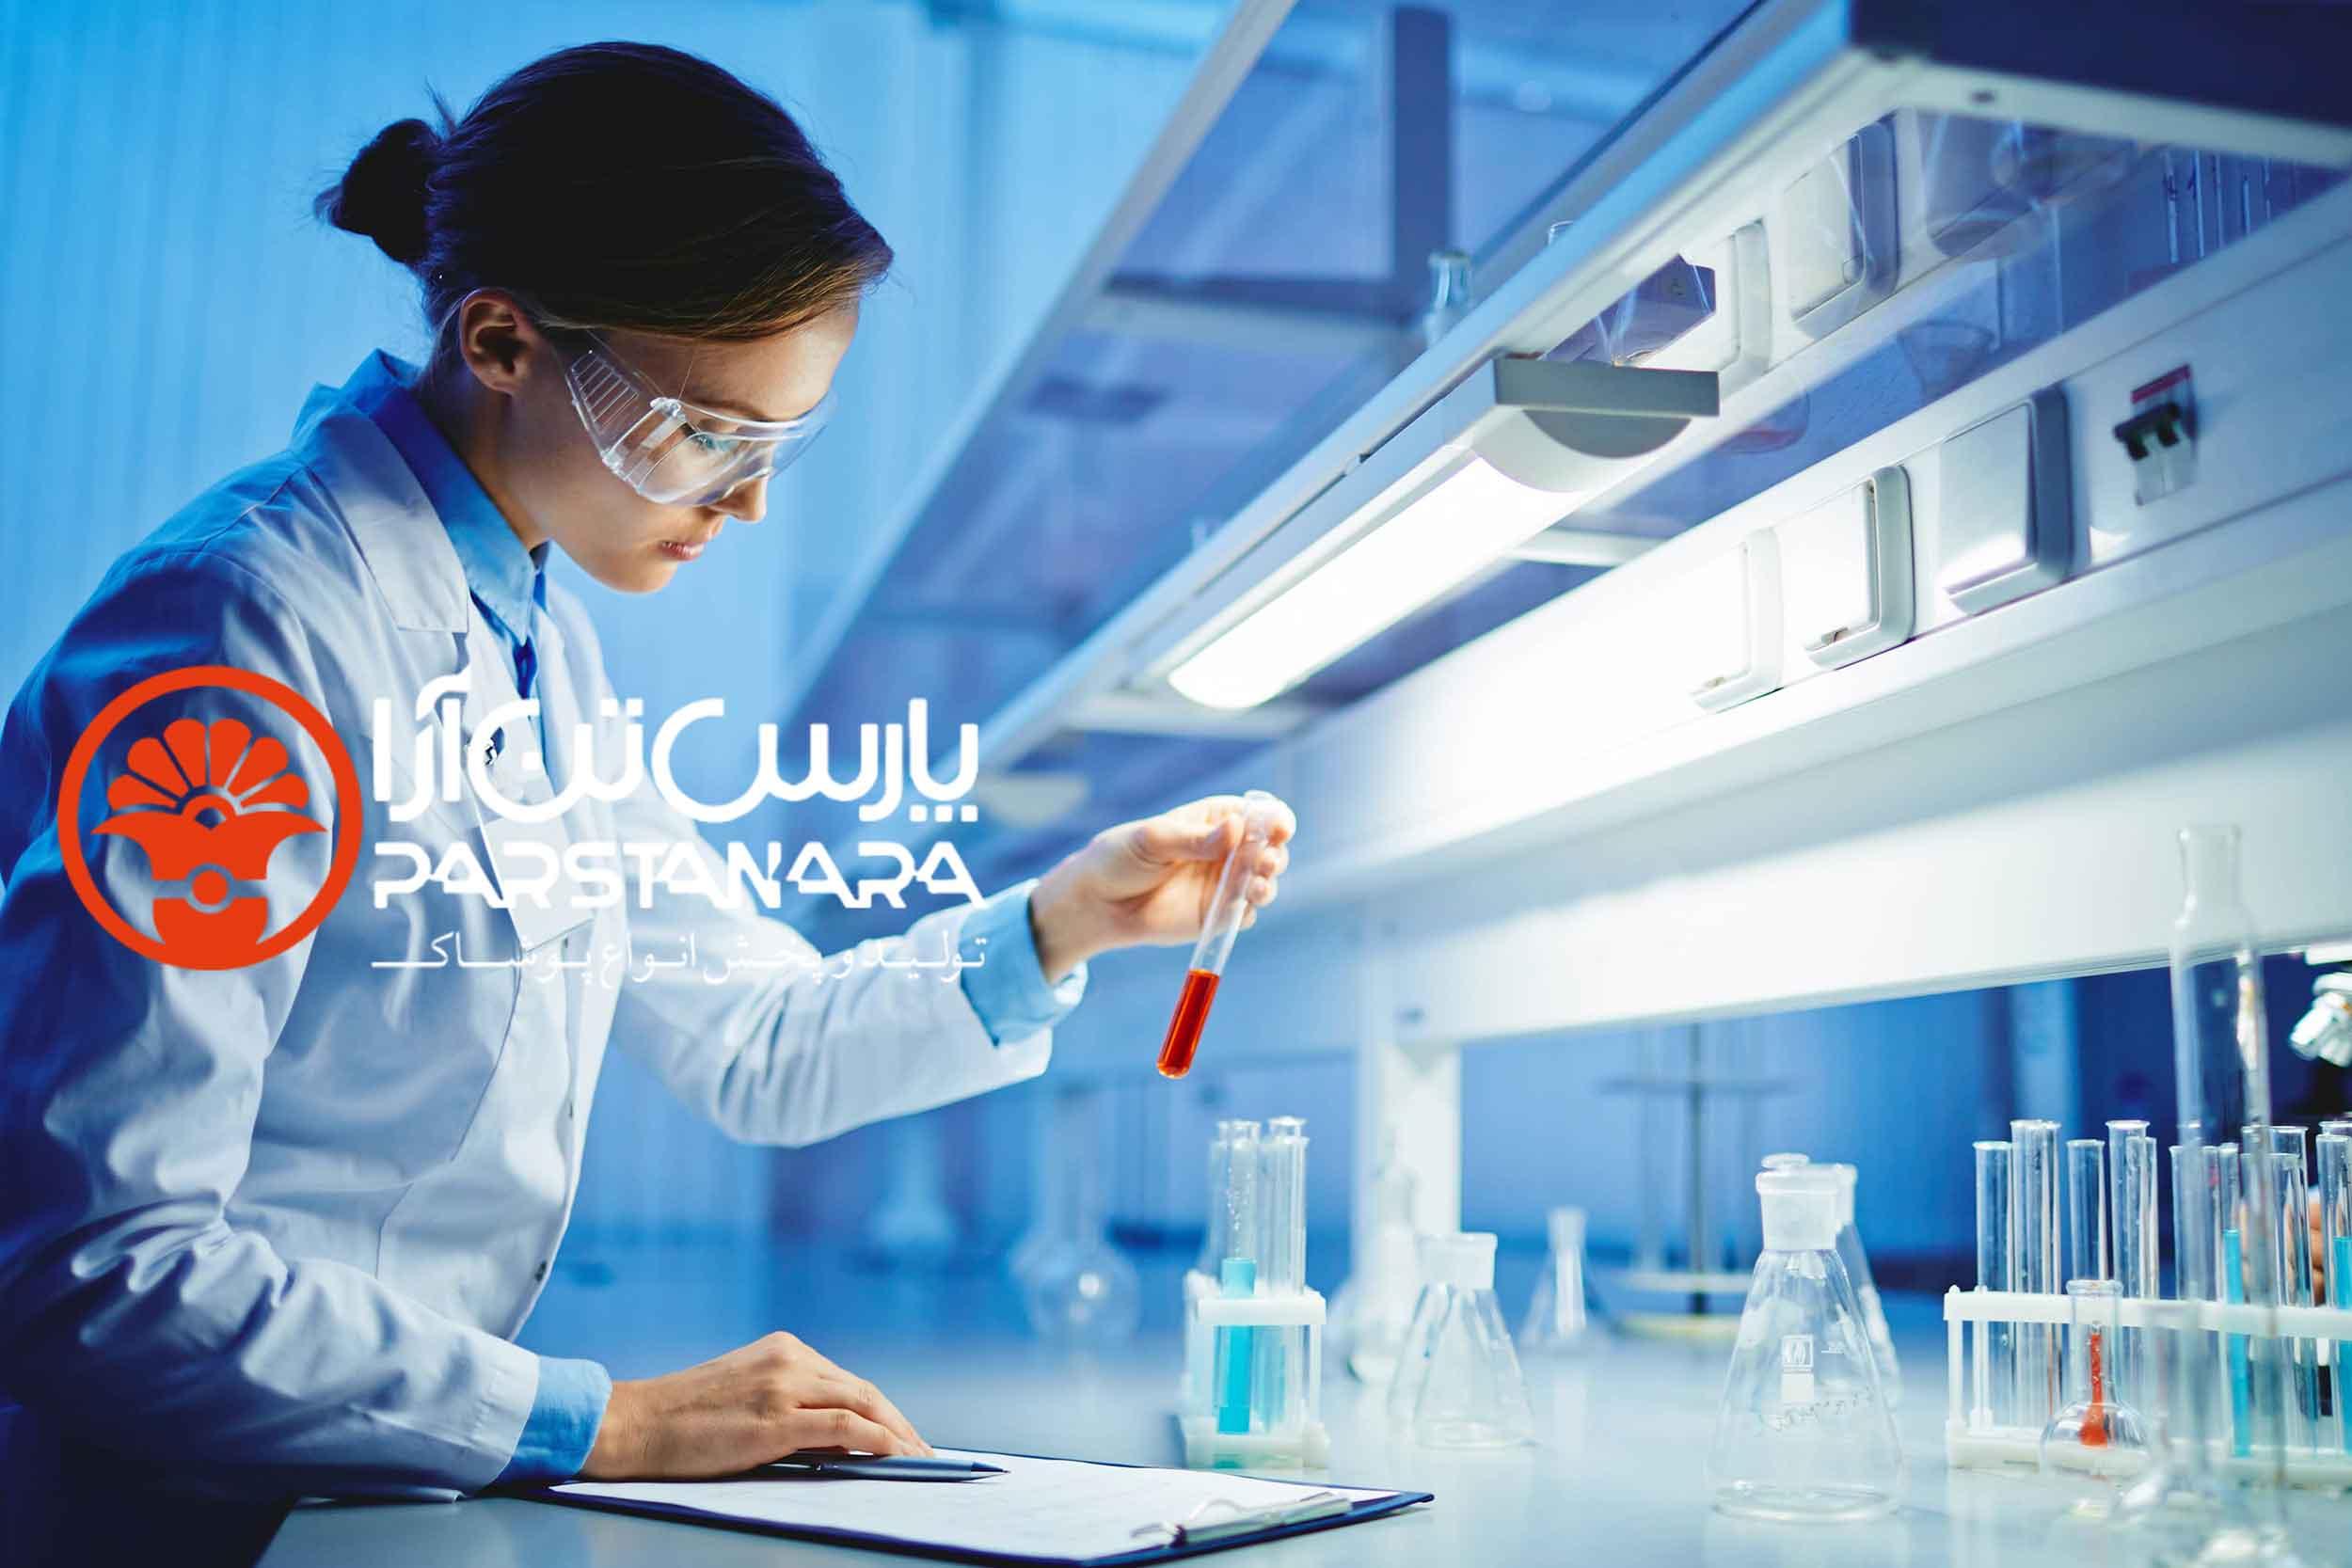 نکات ایمنی در هنگام کار با مواد شیمیایی